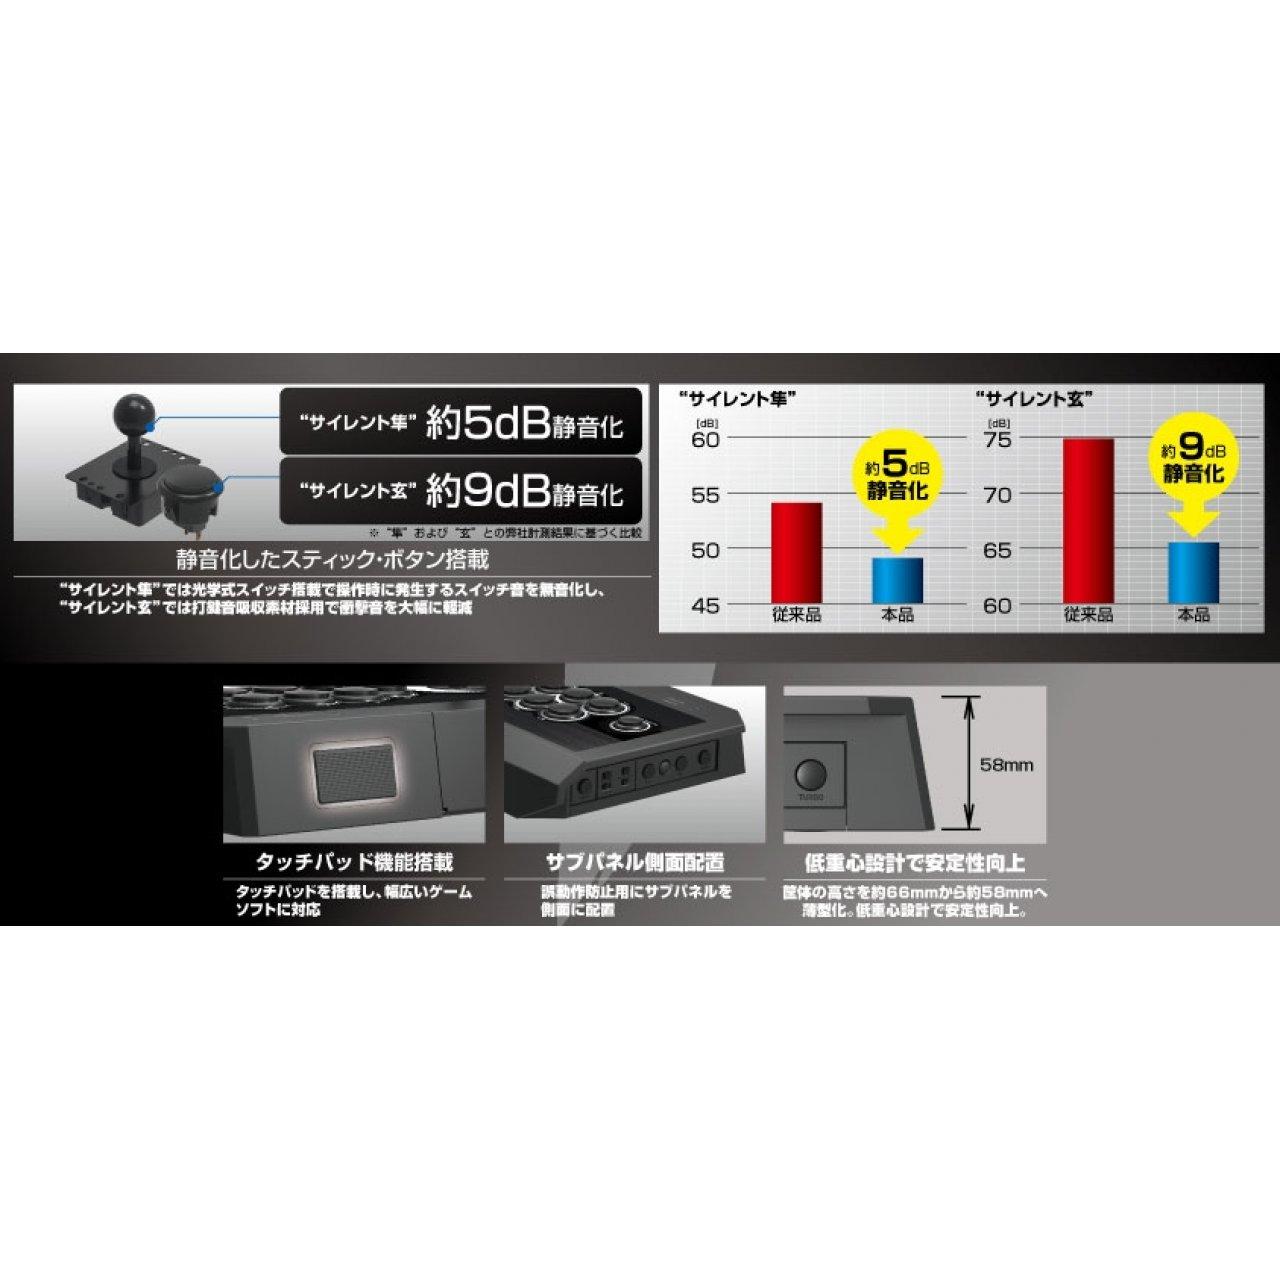 real-arcade-pro-v-silent-hayabusa-for-playstation-4-playstation-403105.2.jpg